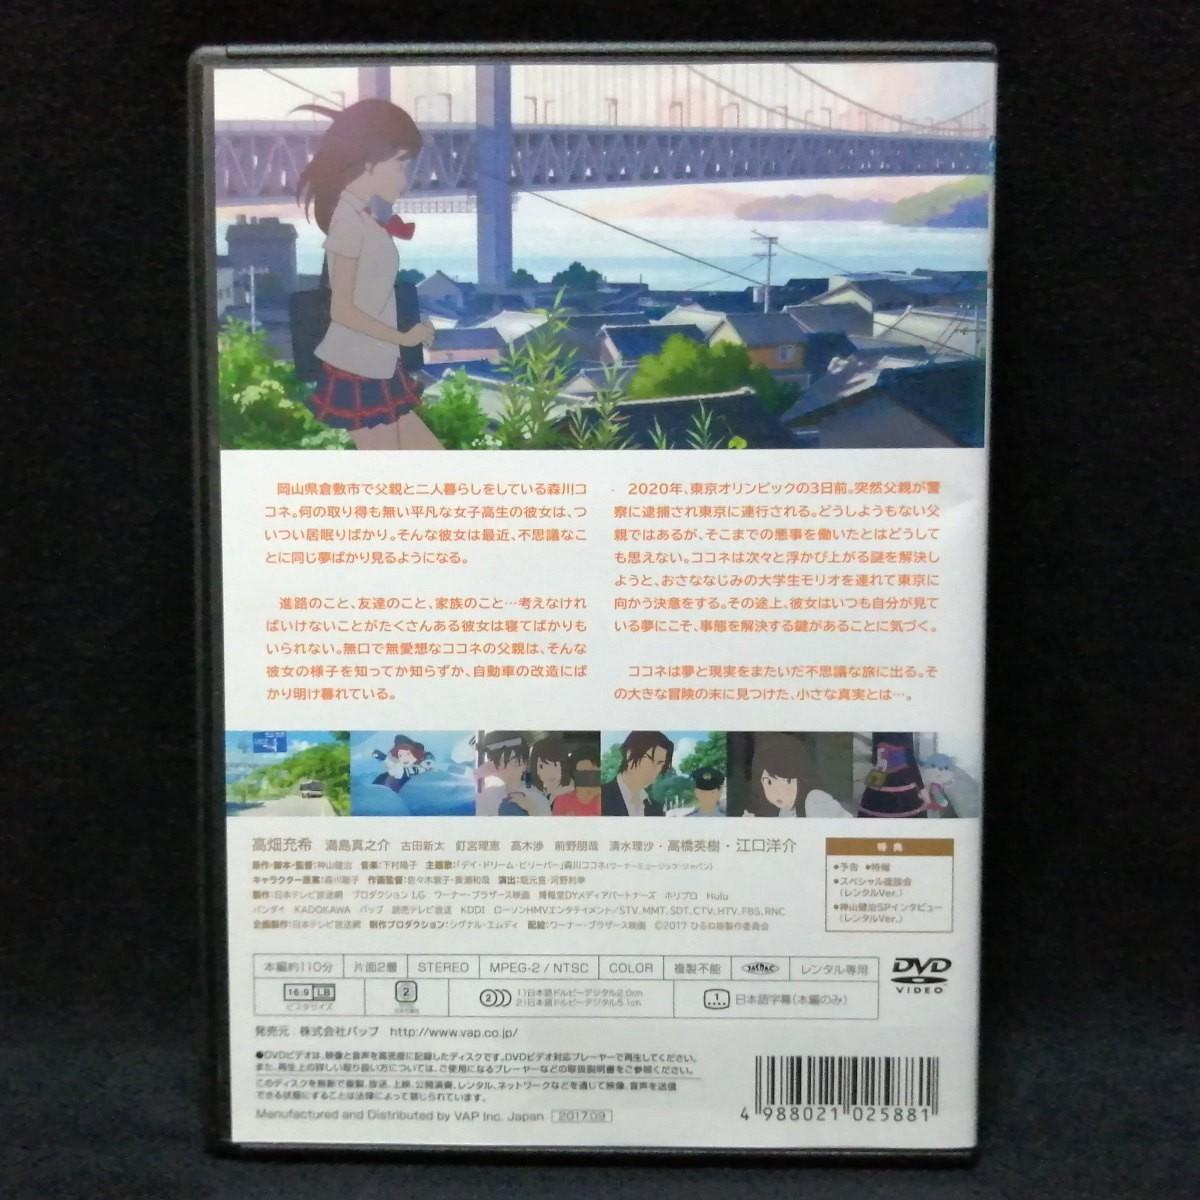 DVD ひるね姫 知らない私の物語 レンタルアップ